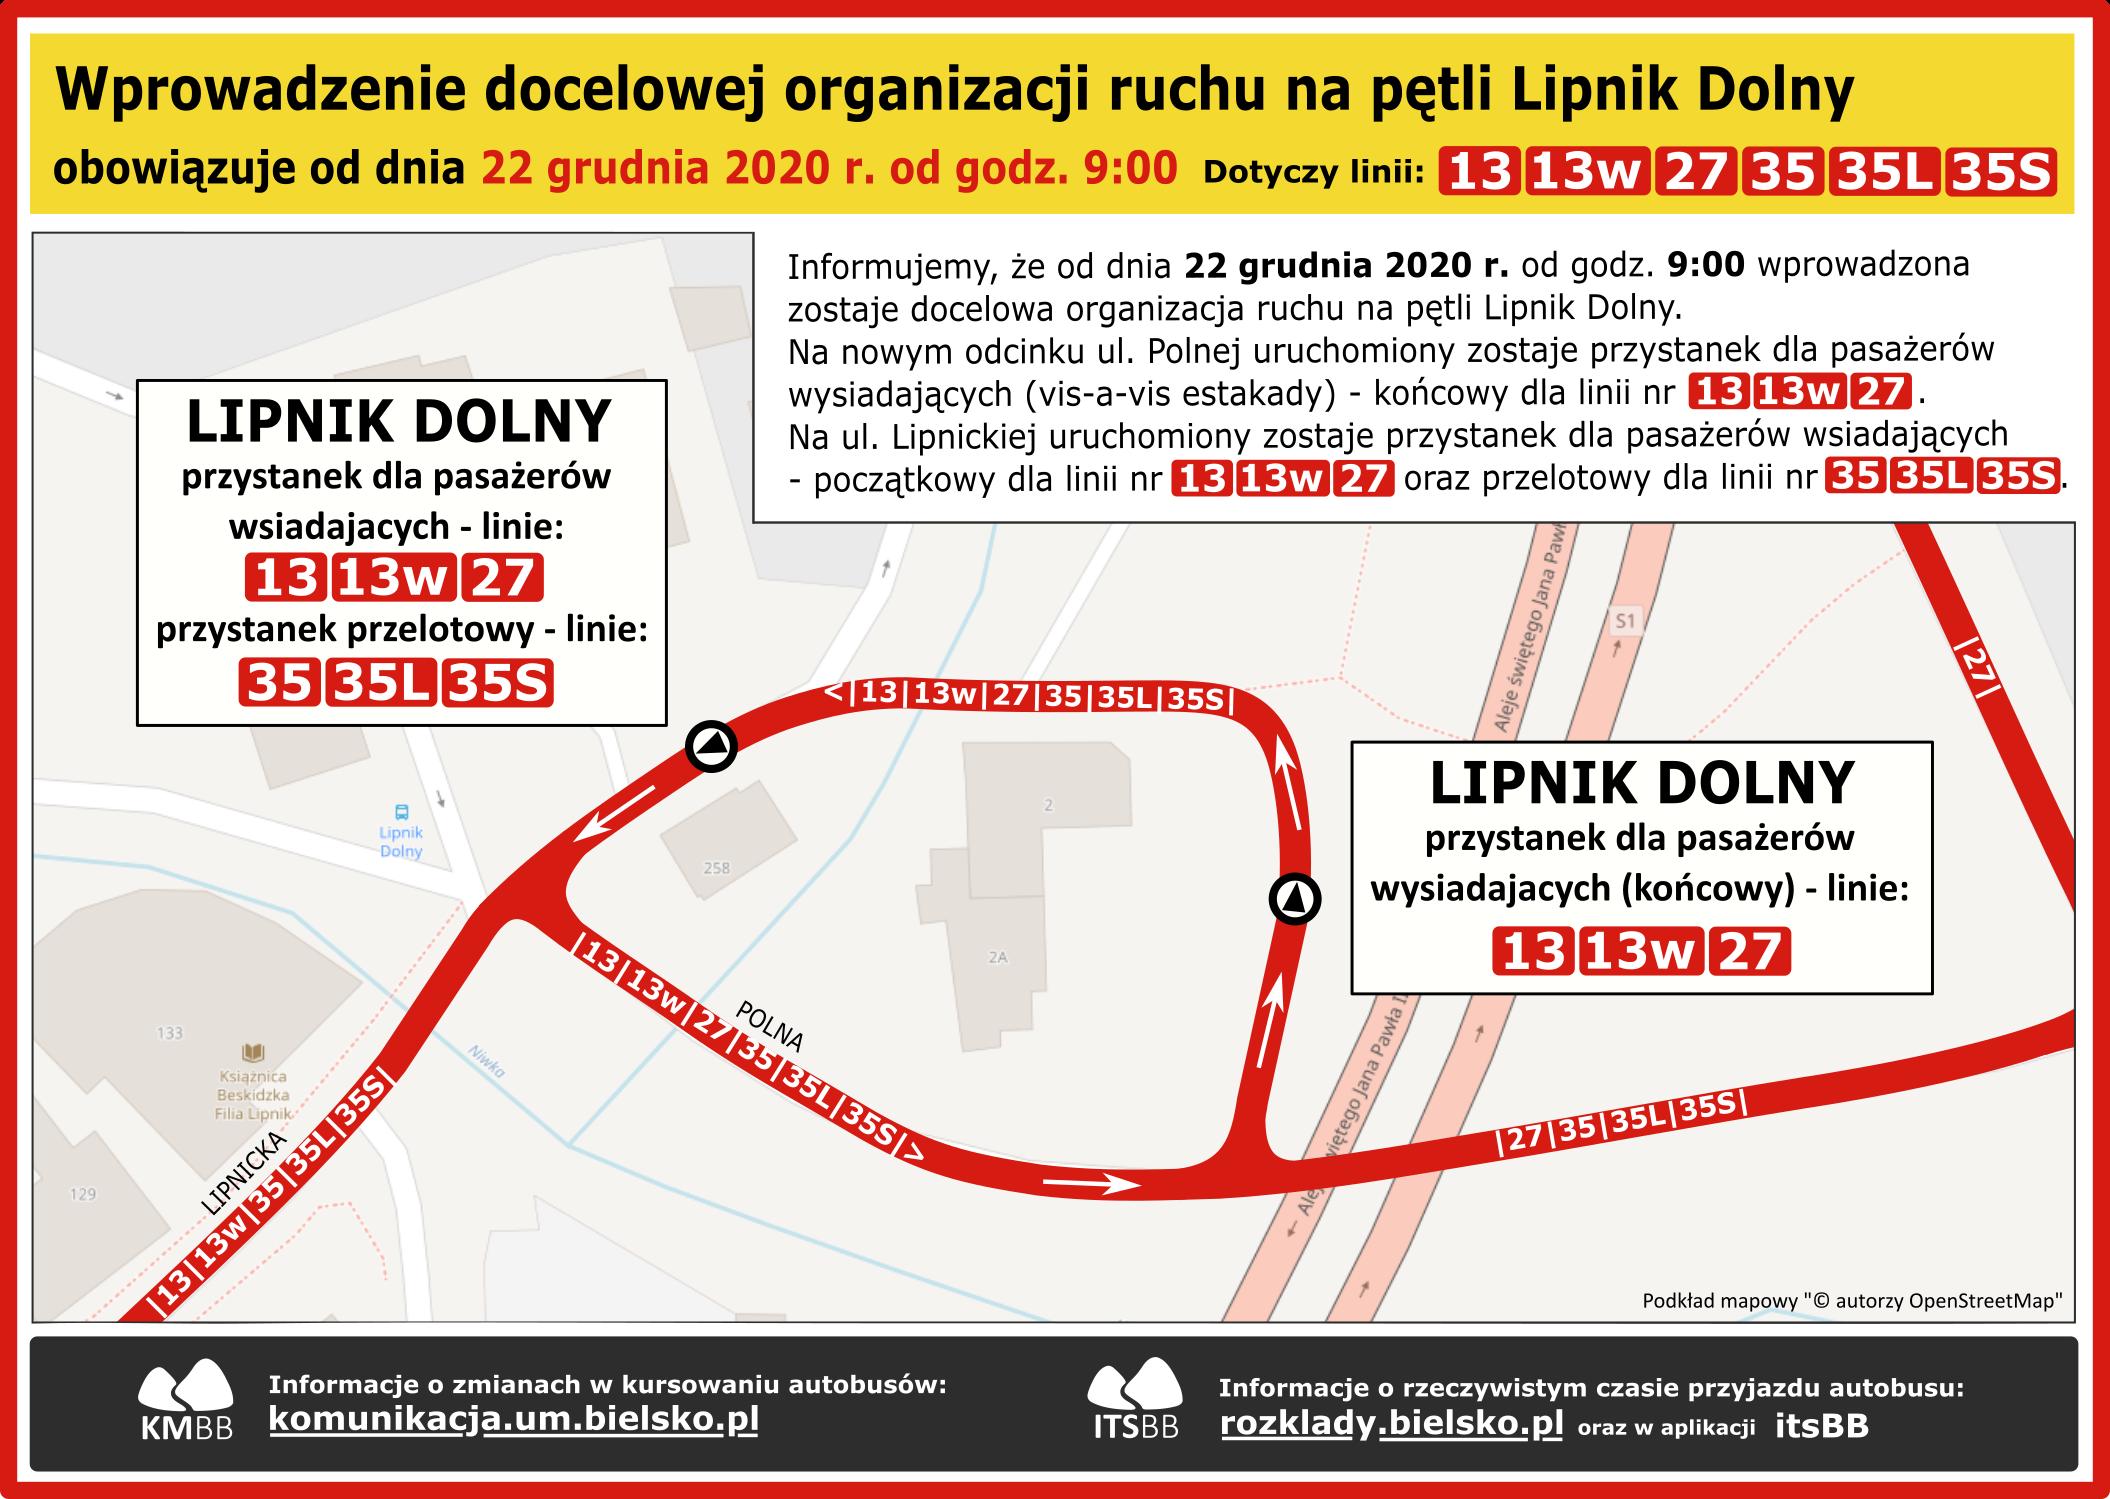 Docelowa organizacja ruchu na pętli Lipnik Dolny